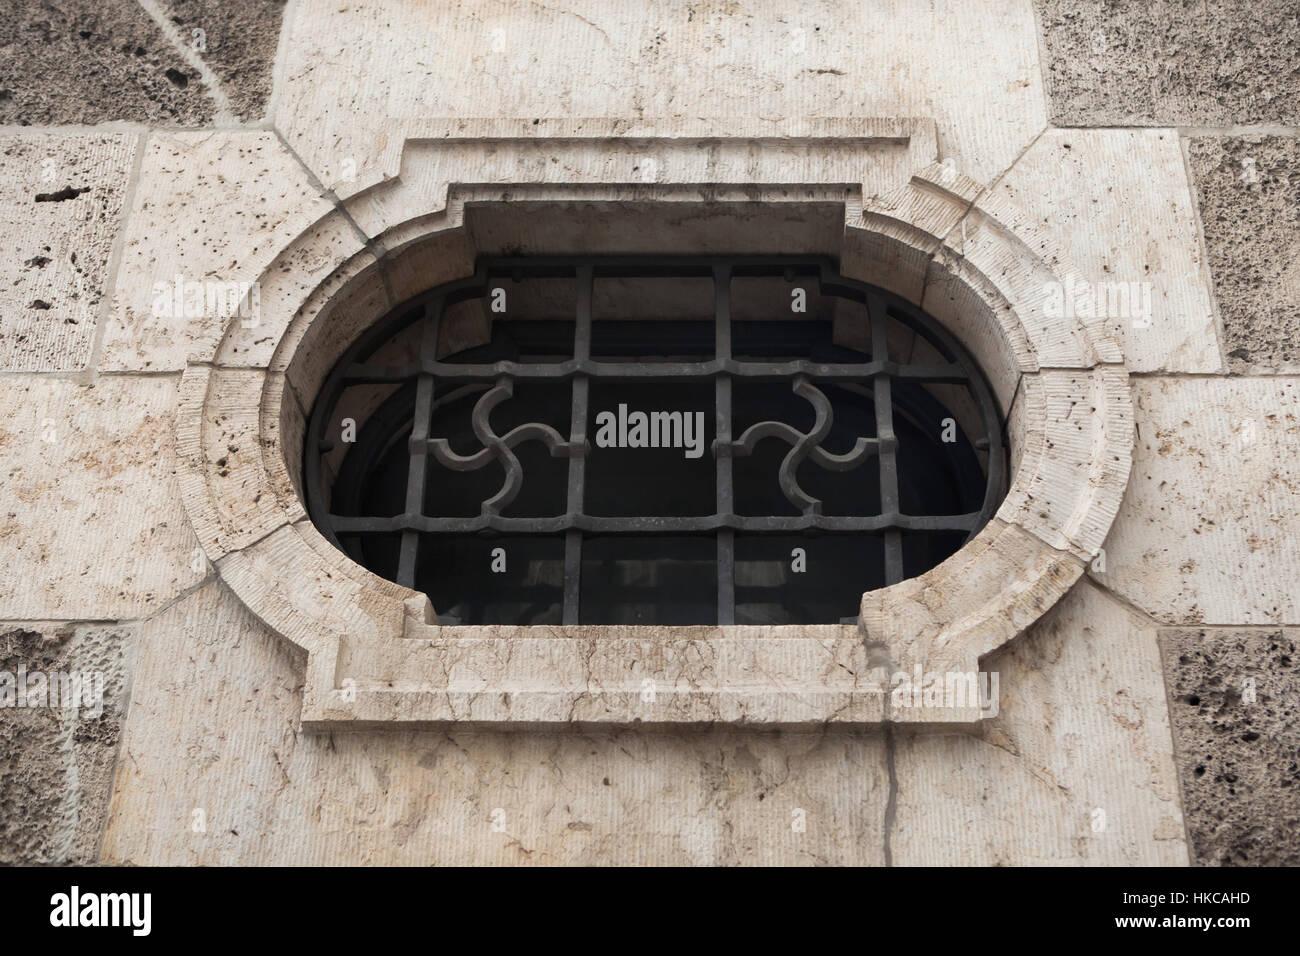 Hakenkreuz im Fenster Gitter auf das Gebäude an das bayerische Ministerium für Wirtschaft, Infrastruktur, Verkehr Stockfoto